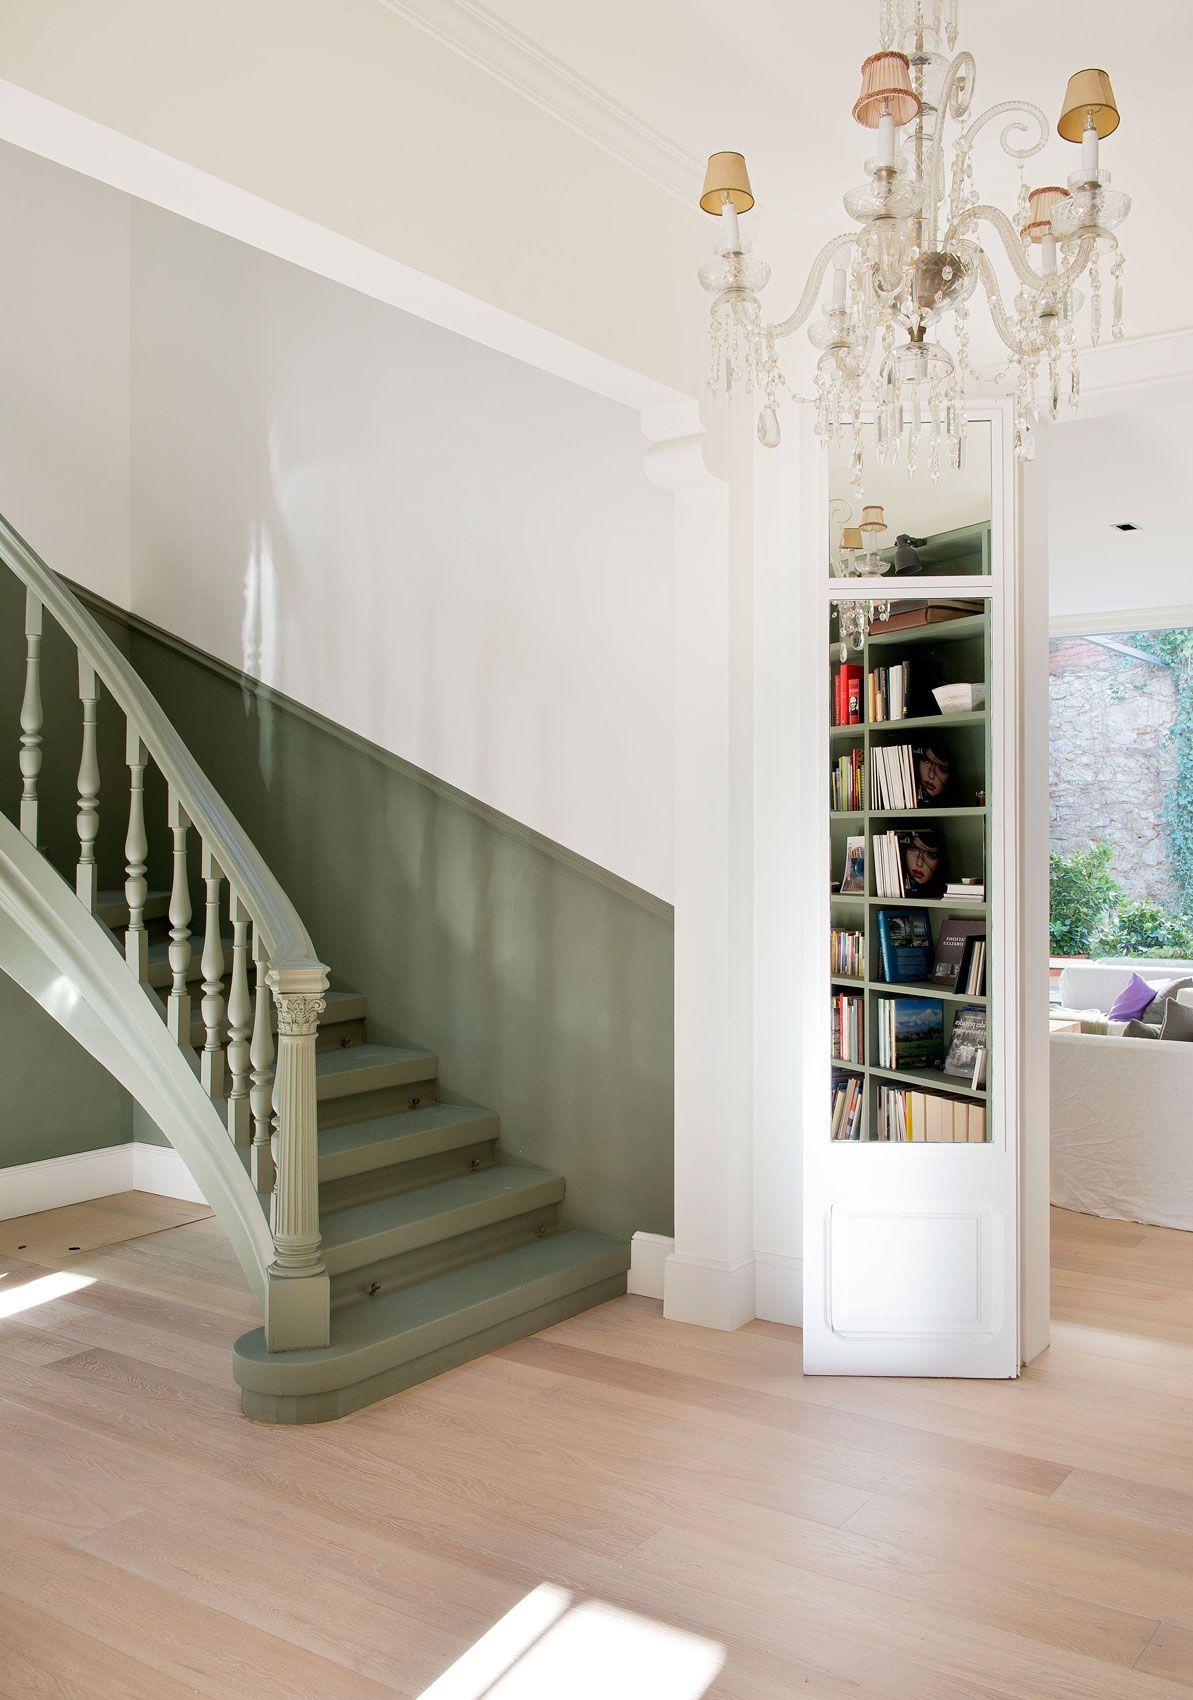 Salvar La Escalera Escaleras Pintadas Escaleras De Madera Pintada Tendencias En Decoracion